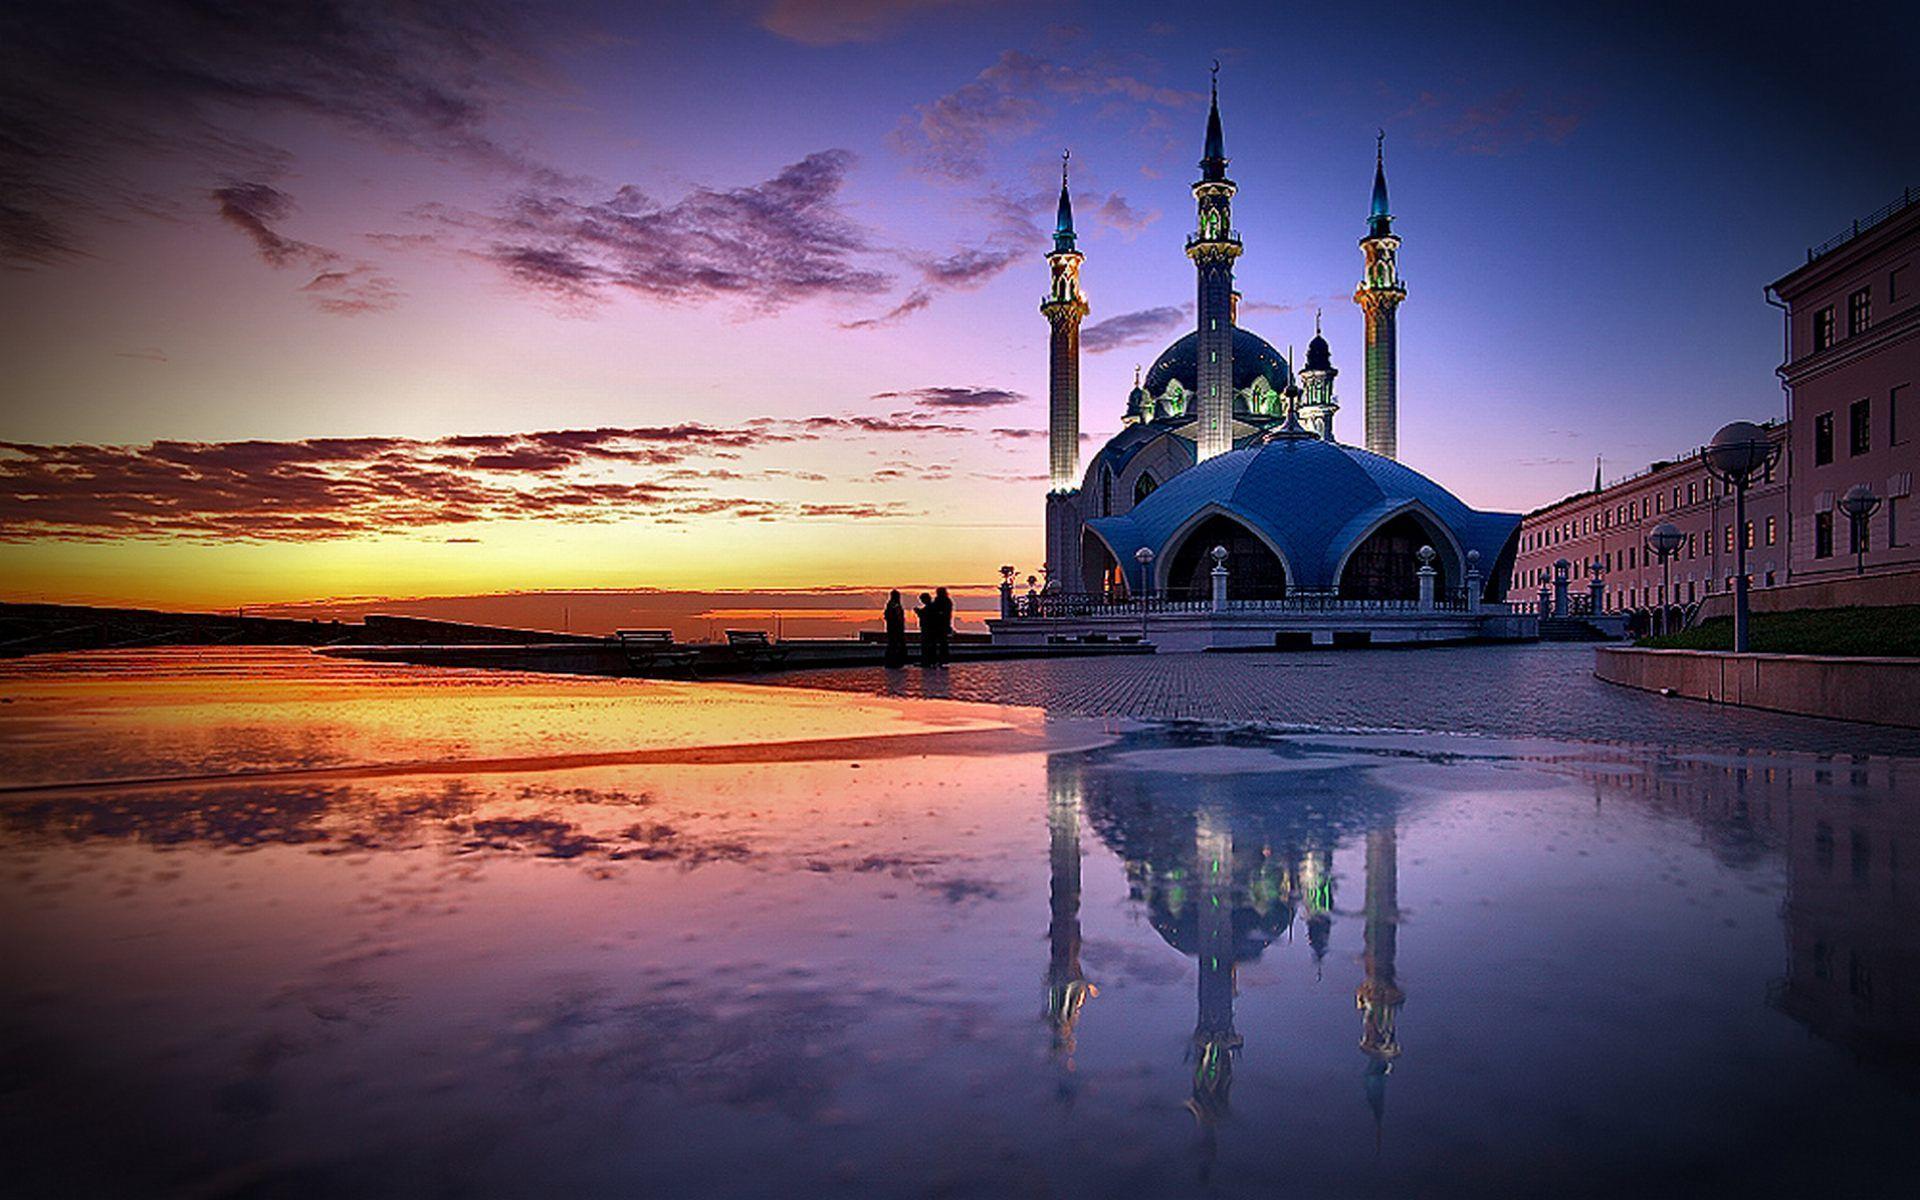 Картинки мечети с надписью